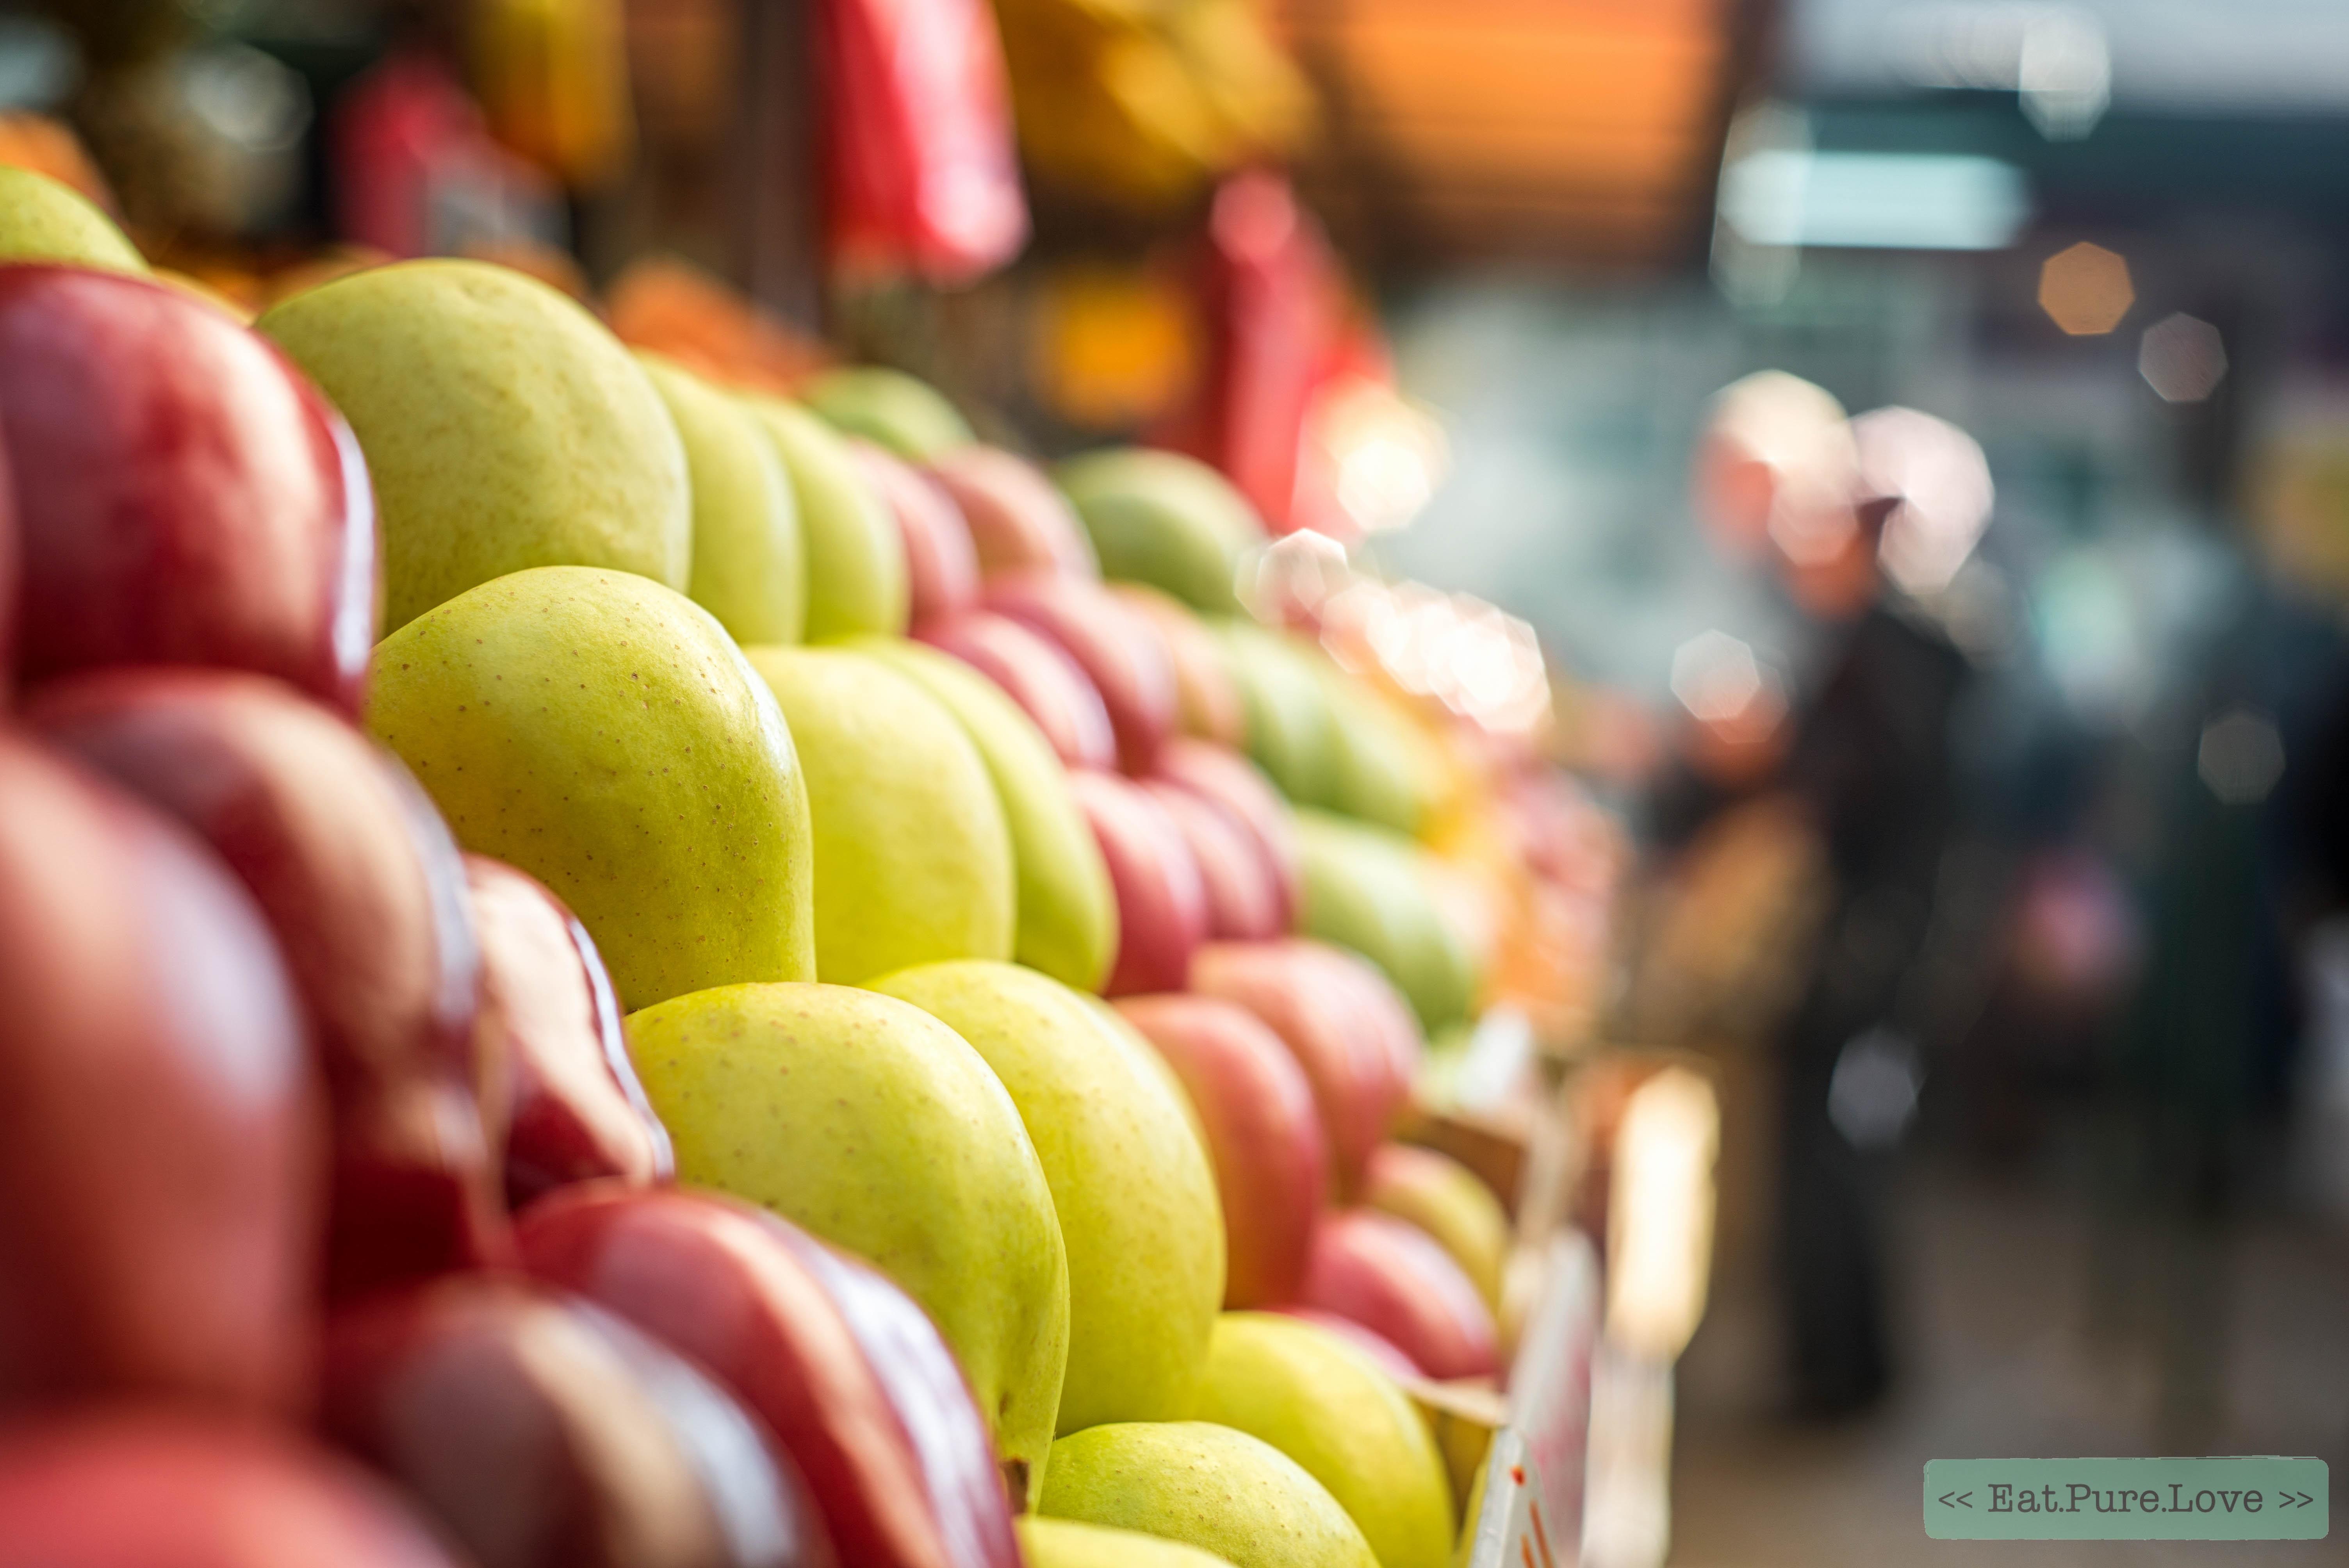 De 7 beste tips om goedkoop en gezond te eten-1